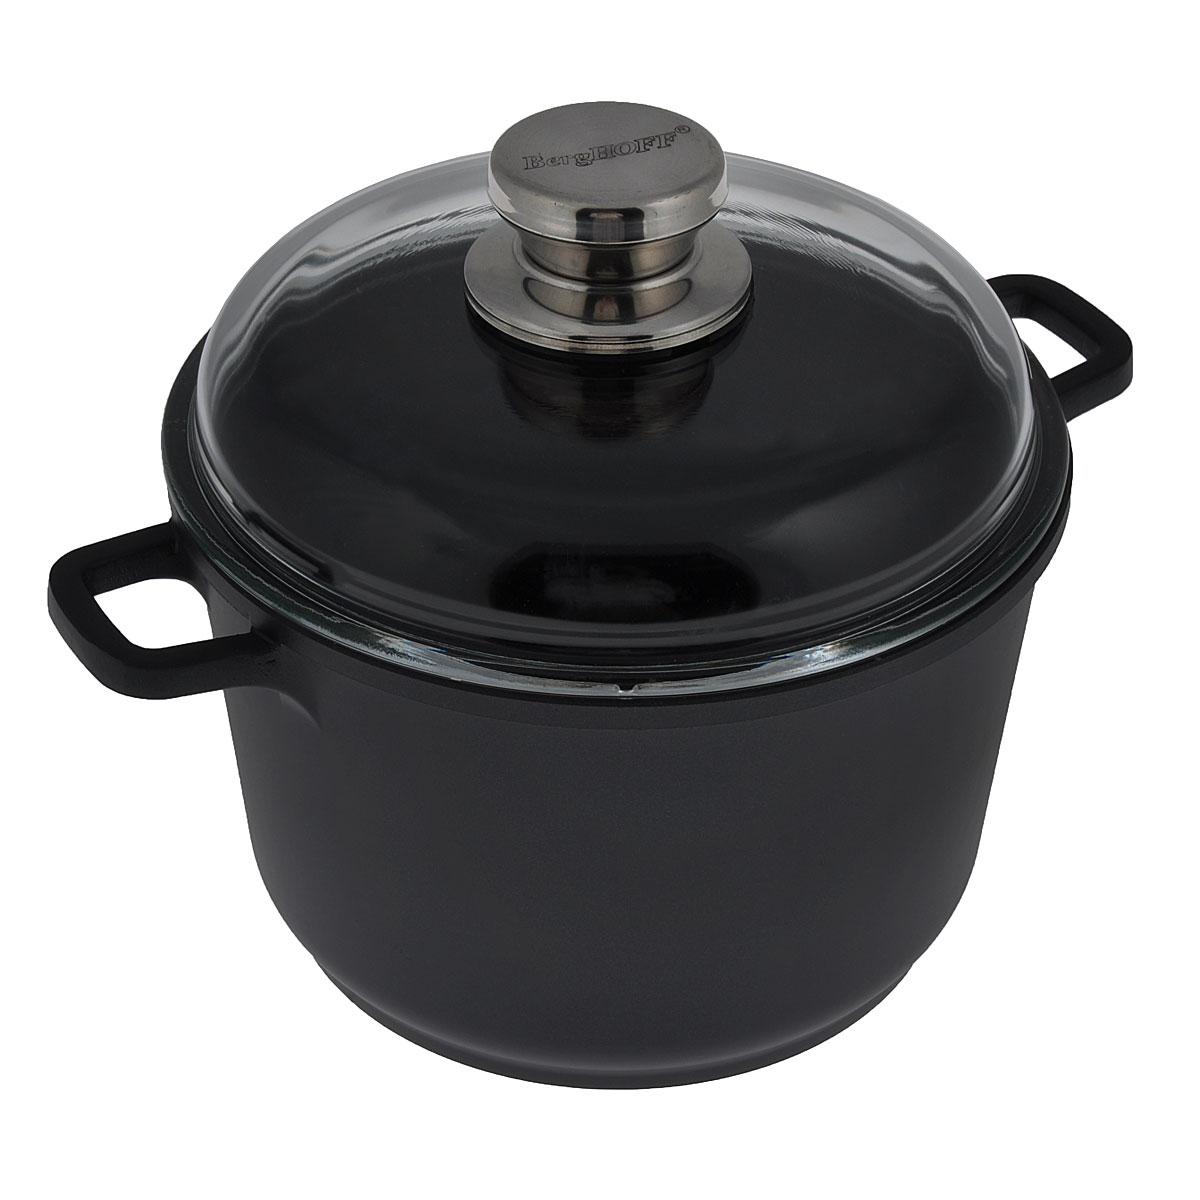 """Кастрюля BergHOFF """"Scala"""" изготовлена из литого алюминия, который имеет эффект чугунной посуды. За счет особой технологии литья дно в 2 раза толще стенок. В отличие от чугуна посуда из алюминия быстро нагревается, что гарантирует сбережение энергии, и легче по весу. Корпус кастрюли можно использовать для приготовления пищи в духовке. Внутреннее покрытие - экологически безопасное антипригарное Ferno Green. Подходит для приготовления полезных блюд, сохраняются витамины, минералы. Эргономичные ручки обеспечивают безопасный захват и удобство в поднятии изделий. В комплект входит жаропрочная стеклянная крышка с ручкой, которая плотно прилегает к кастрюле.Легко моется (с помощью бумажного полотенца или влажной тряпочки).  Подходит для использования на всех типах плит (газовых, электрических, галогеновых, стеклокерамических), включая индукционные. Рекомендуется мыть вручную. Диаметр кастрюли: 20 см. Высота стенки кастрюли: 13,5 см. Ширина кастрюли (с учетом ручек): 28 см. Толщина стенки: 3 мм. Толщина дна: 6 мм."""